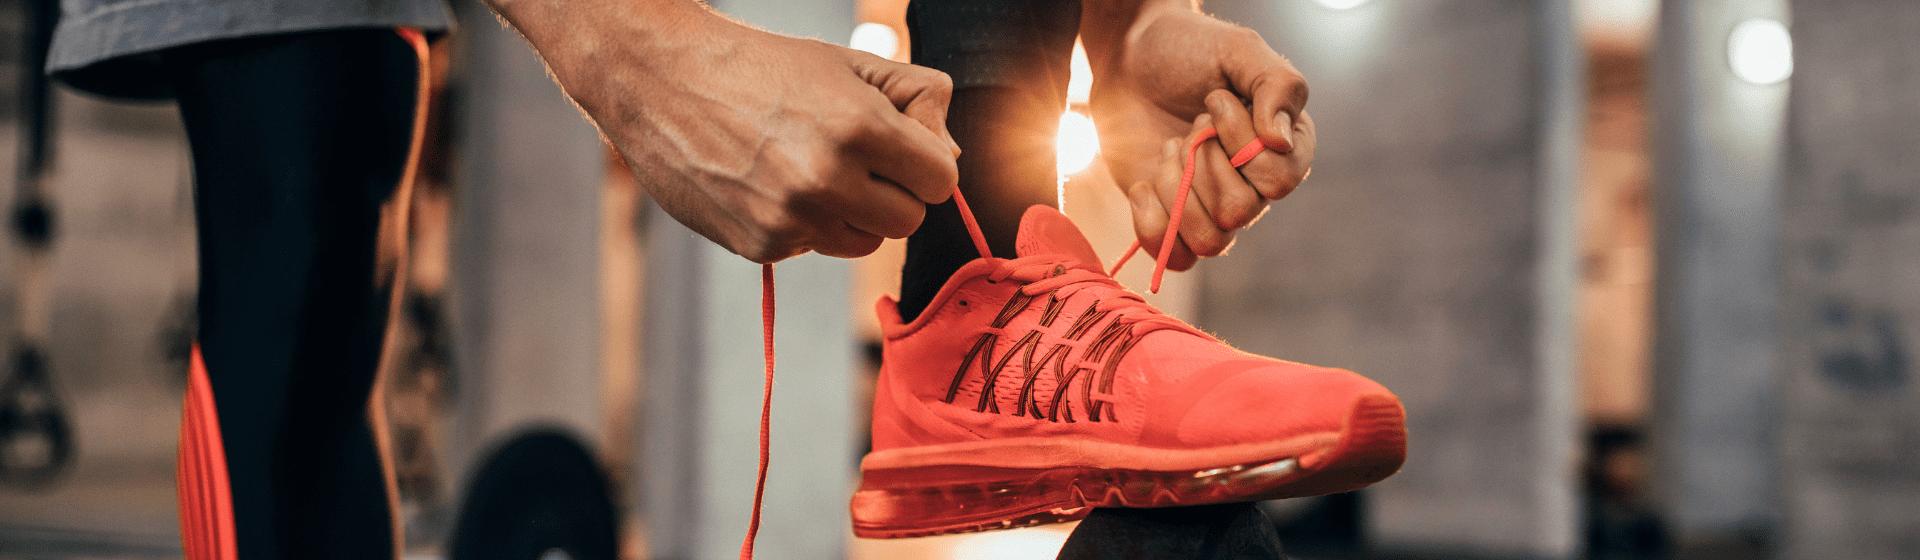 Tênis para academia na Black Friday 2020: 8 modelos que podem ficar baratos